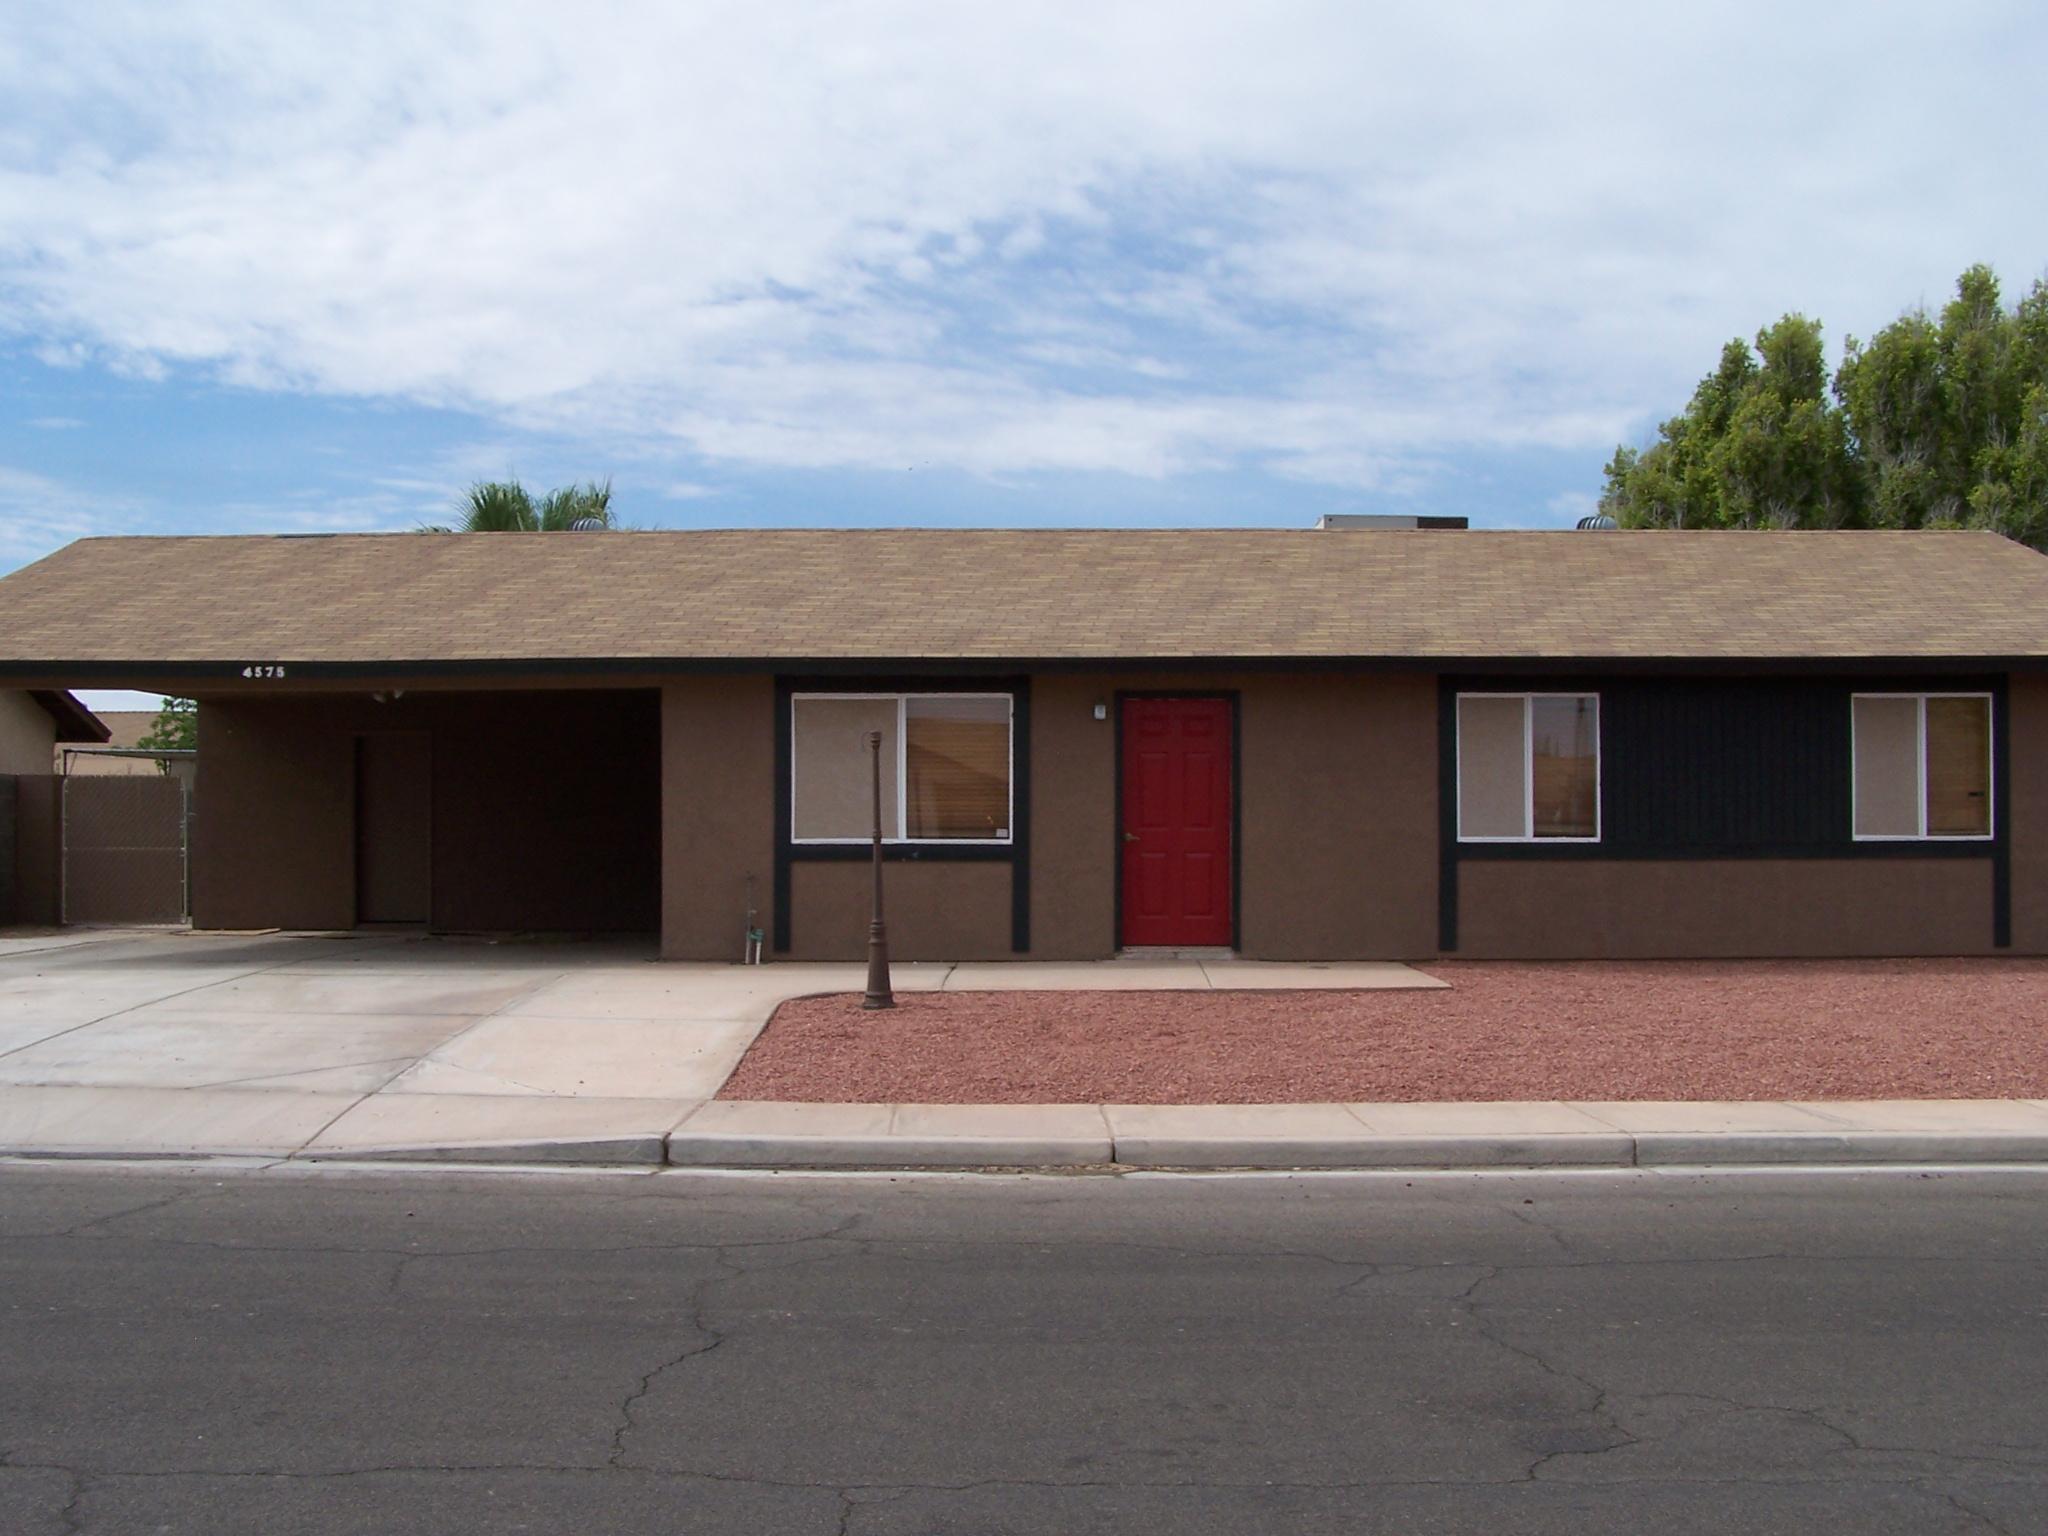 4575 W 18TH LANE: $750/MO.